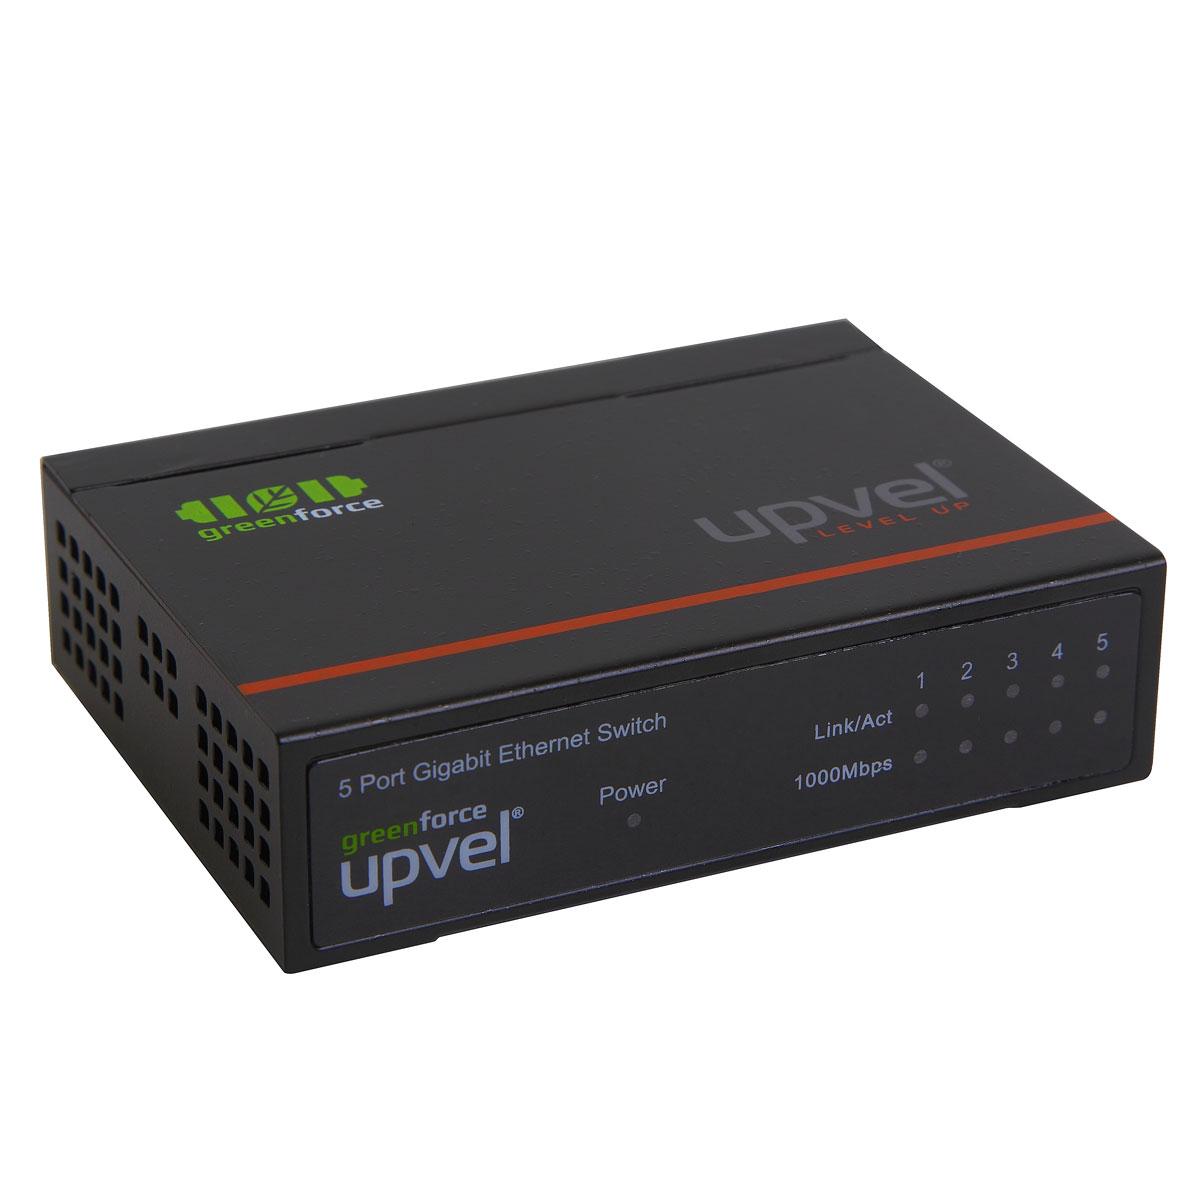 UPVEL US-5G коммутаторUS-5G5-портовый гигабитный настольный коммутатор US-5G с поддержкой технологии GREENforce. US-5G обеспечивает высокую скорость передачи данных, отличается удобством использования, высокой надежностью и предоставляет вам простой способ перейти на Gigabit Ethernet. При этом устройство позволяет в некоторых случаях сократить энергопотребление на 70%. Высокая общая пропускная способность 10 Гбит/с с поддержкой дуплексного режима позволяют повысить производительность и избежать перегрузок сети. Устройство помещено в прочный металлический корпус, поддерживает технологию Plug and Play, что позволяет создать надежную и высокопроизводительную сеть без дополнительной настройки.Пропускная способность коммутационной матрицы: 10 Гбит/сТаблица коммутации: 4000 записей для каждого подключенного устройстваИндикаторы: Power, Link/ACT, 1000 Мбит/сСтандарт: IEEE 802.3 10Base-TIEEE 802.3u 100Base-TXIEEE 802.3ab 1000BASE-TIEEE 802.3x Flow ControlСкорость передачи данных:Ethernet: 10 / 20 Мбит/с (полудуплексный / дуплексный режим)Fast Ethernet: 100 / 200 Мбит/с (полудуплексный / дуплексный режим)Gigabit Ethernet: 1 / 2 Гбит/с (полудуплексный / дуплексный режим)